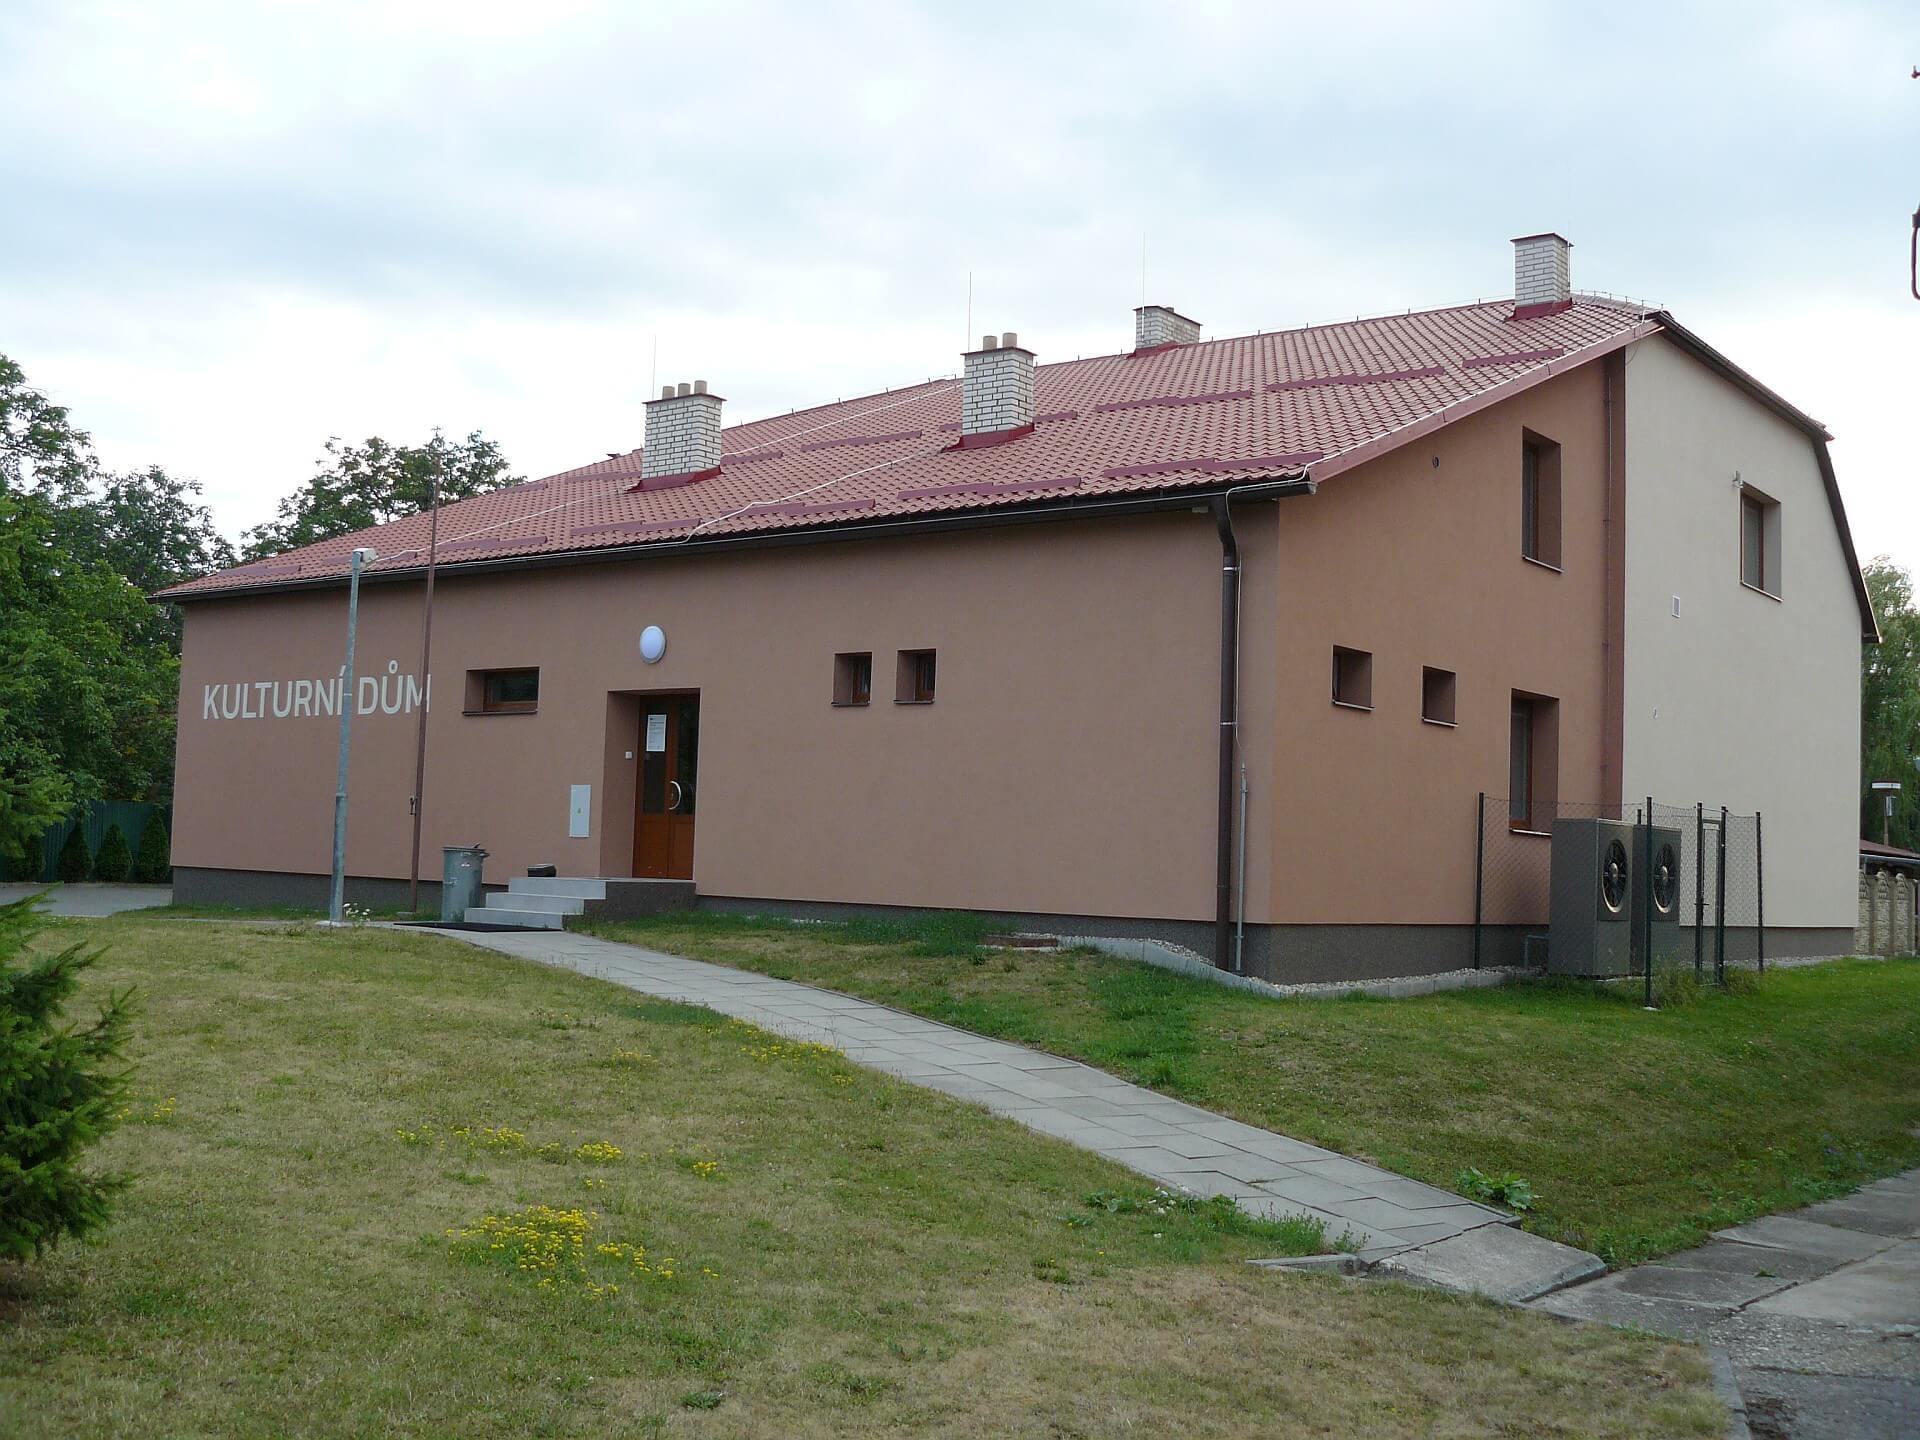 Kulturní dům Petrůvka